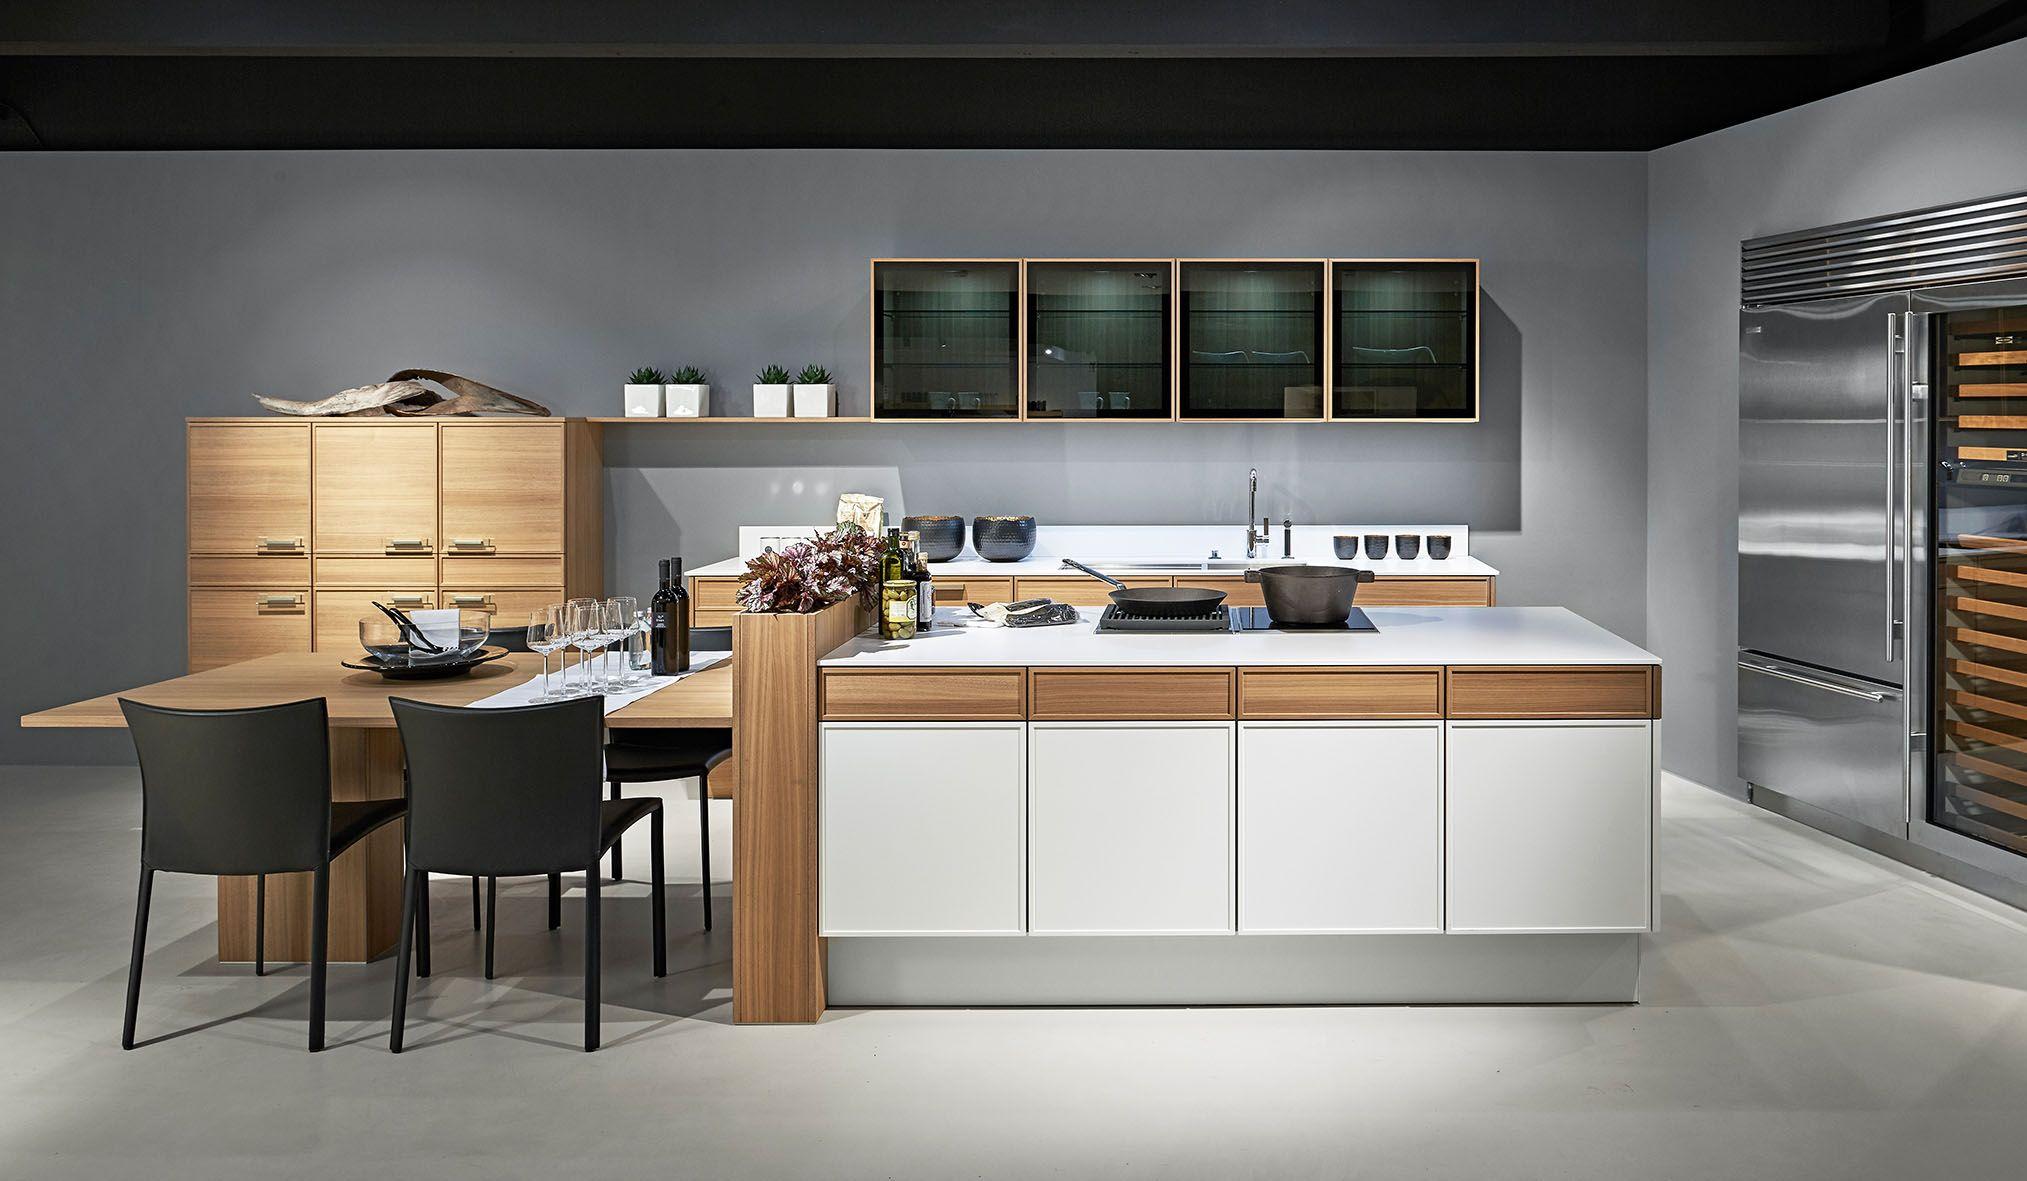 küchenplannung cool bild oder bcefbdbeaca jpg